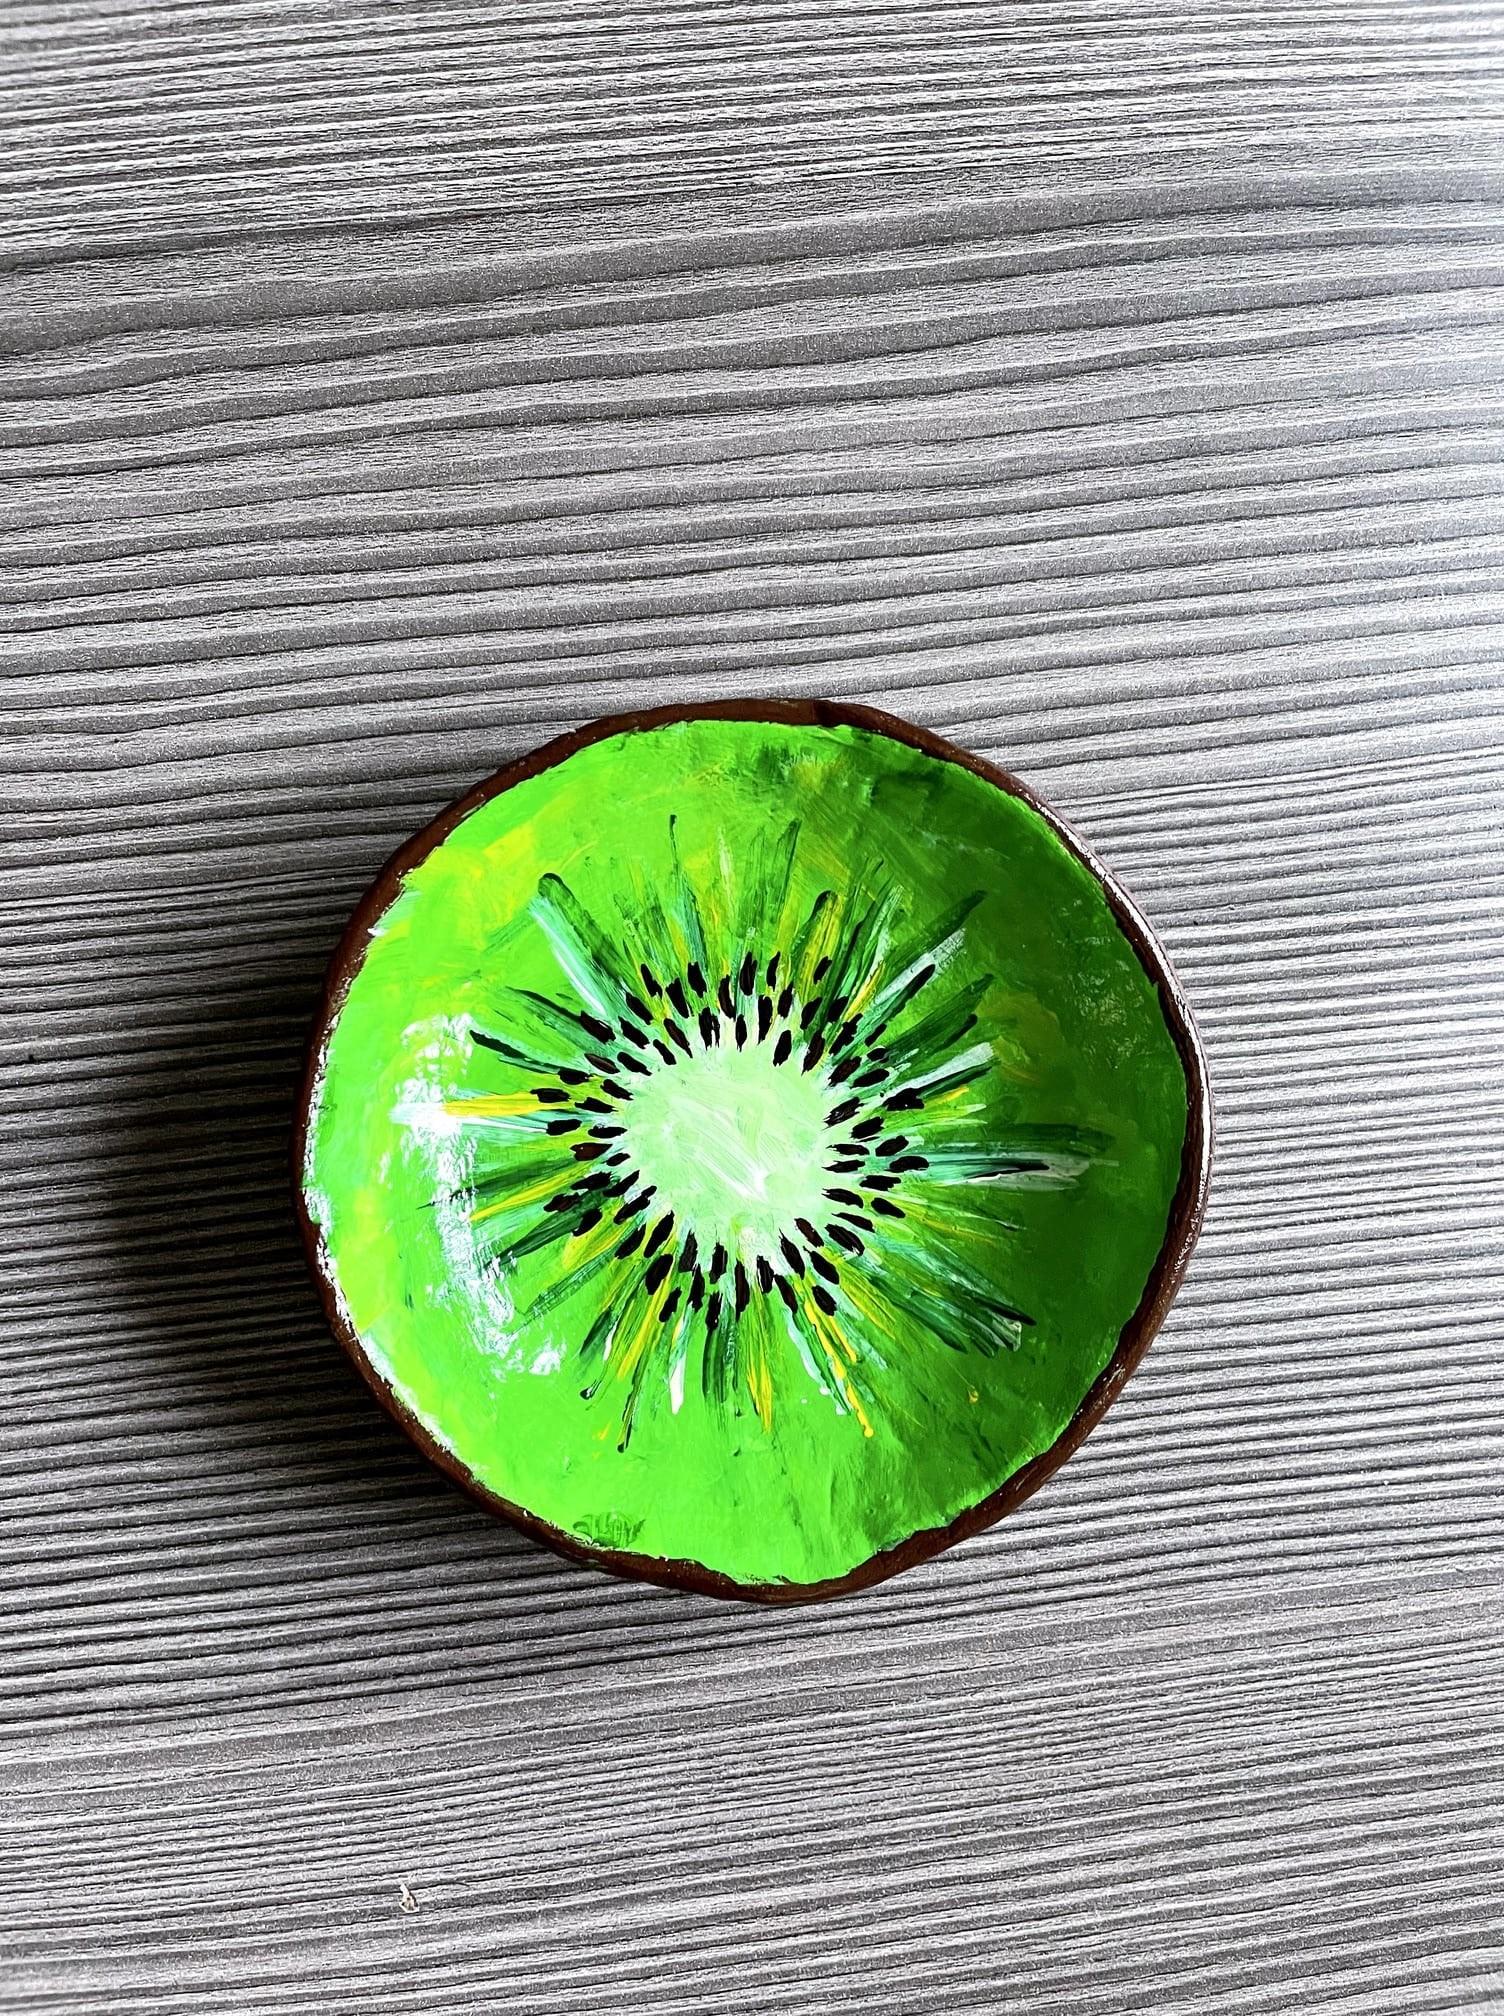 2-kiwi